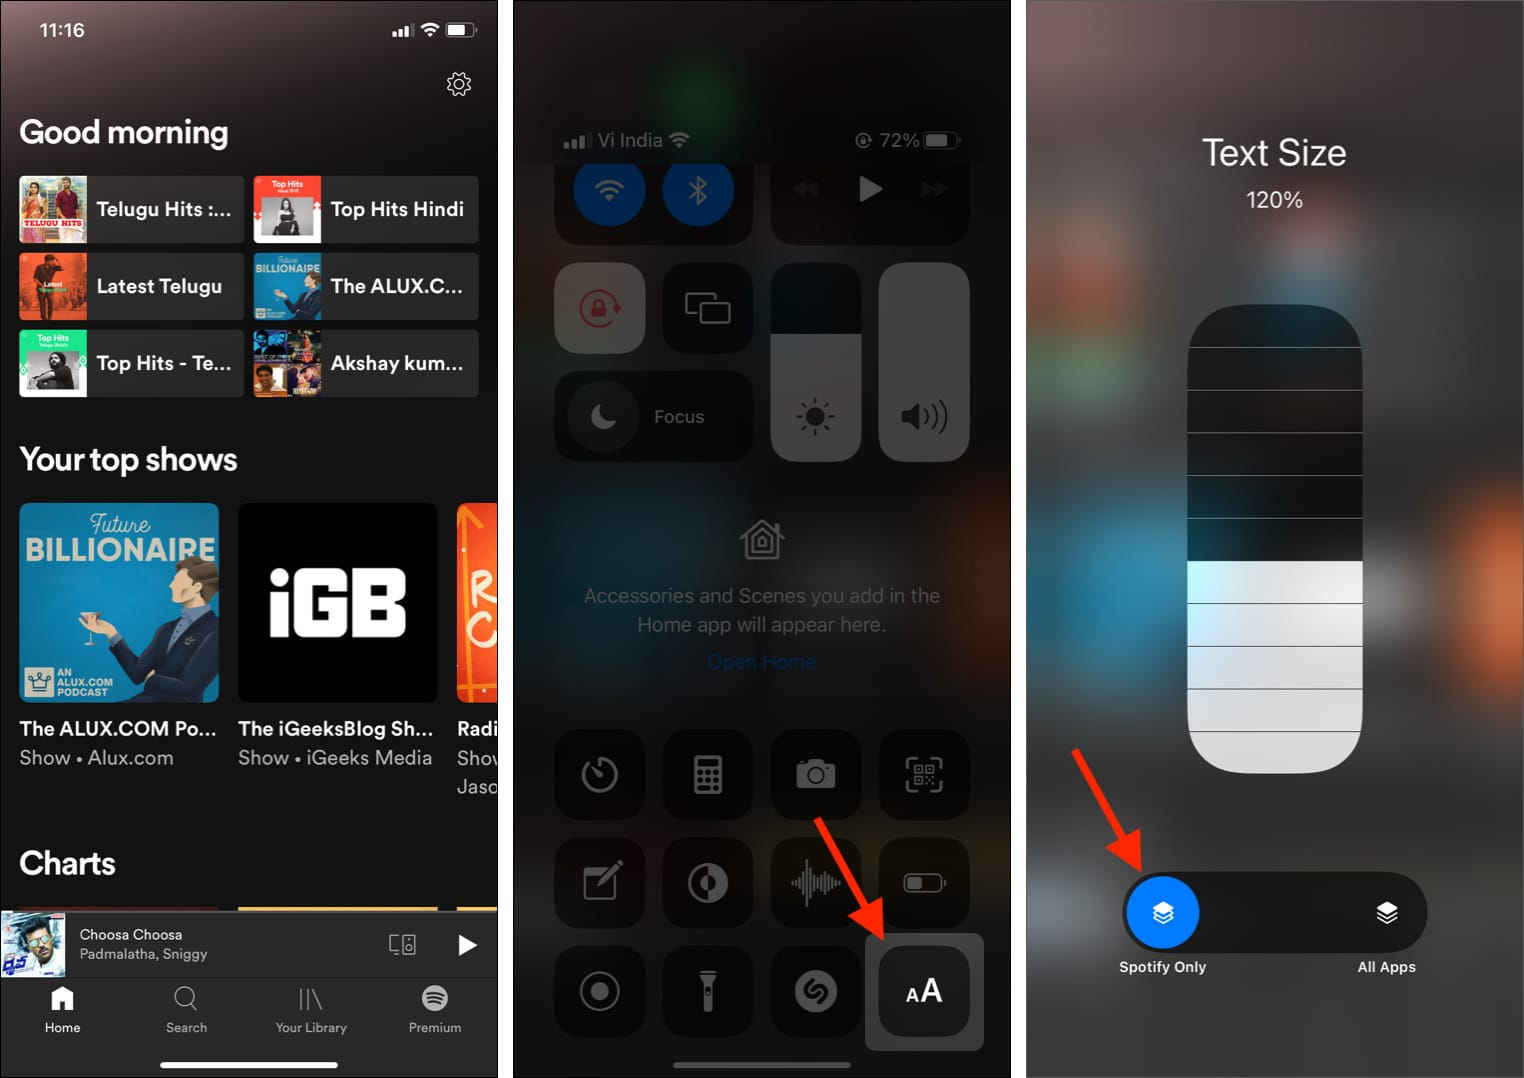 App öffnen Kontrollzentrum bringen auf AA tippen App-Namen tippen und den Schieberegler für die Textgröße nach oben ziehen